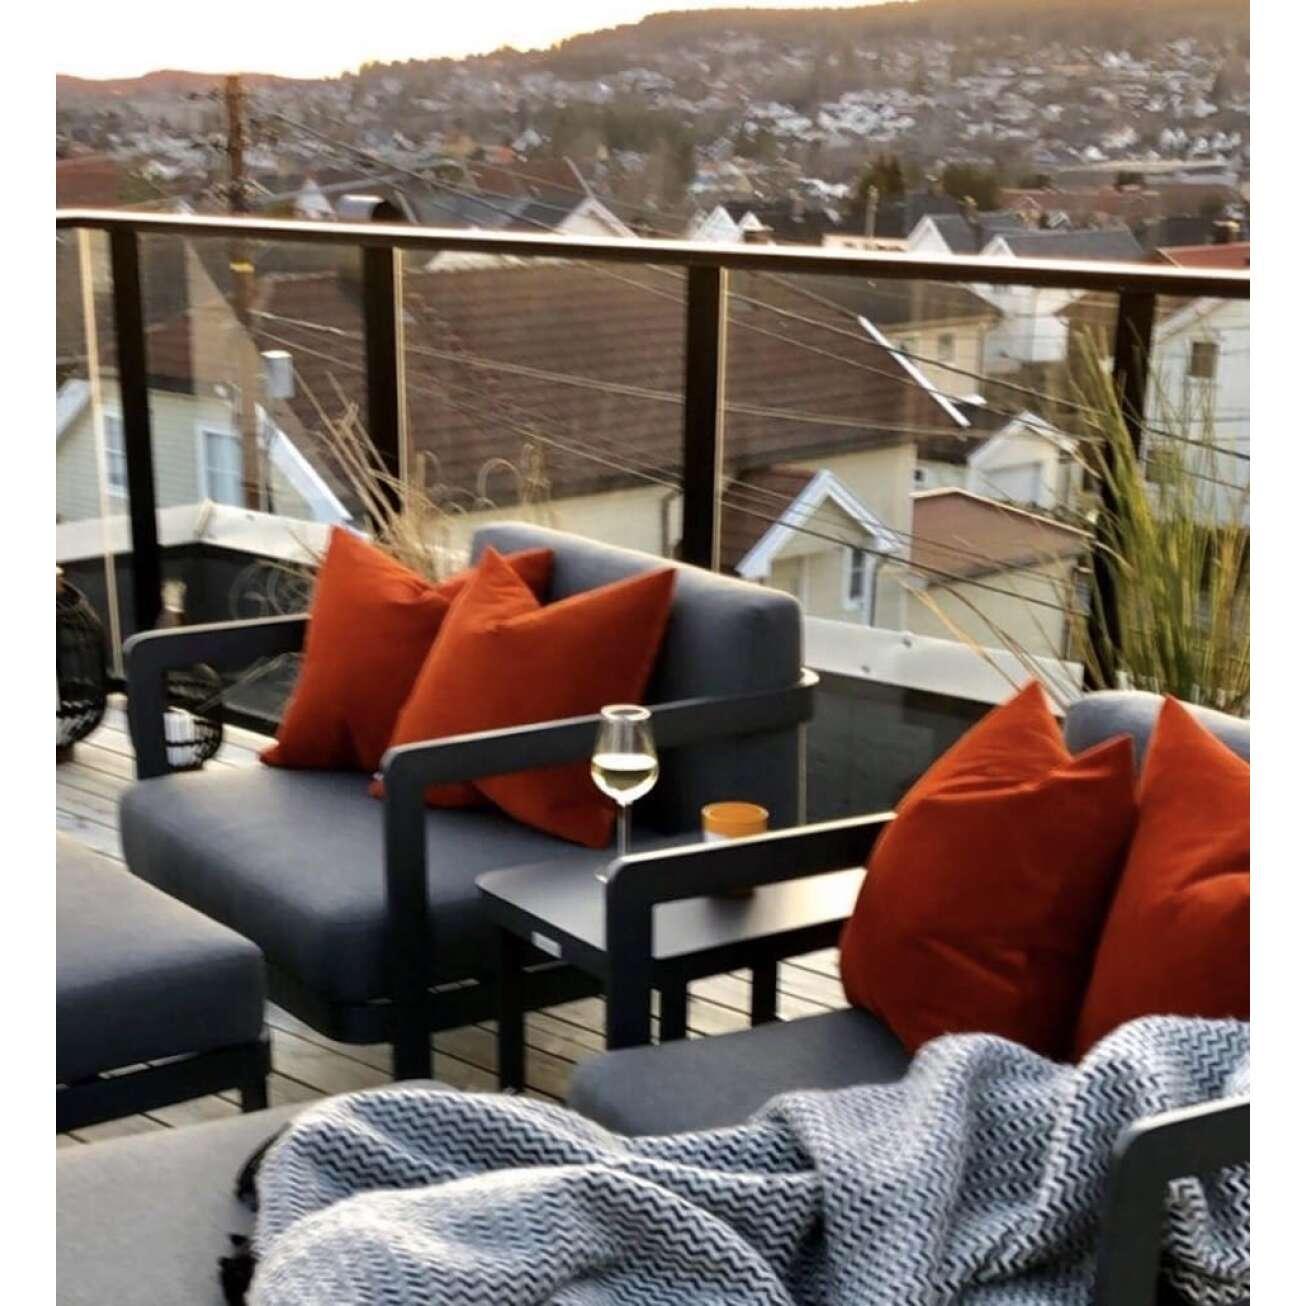 100505 Hagemøbler og utemøbler - Fine design